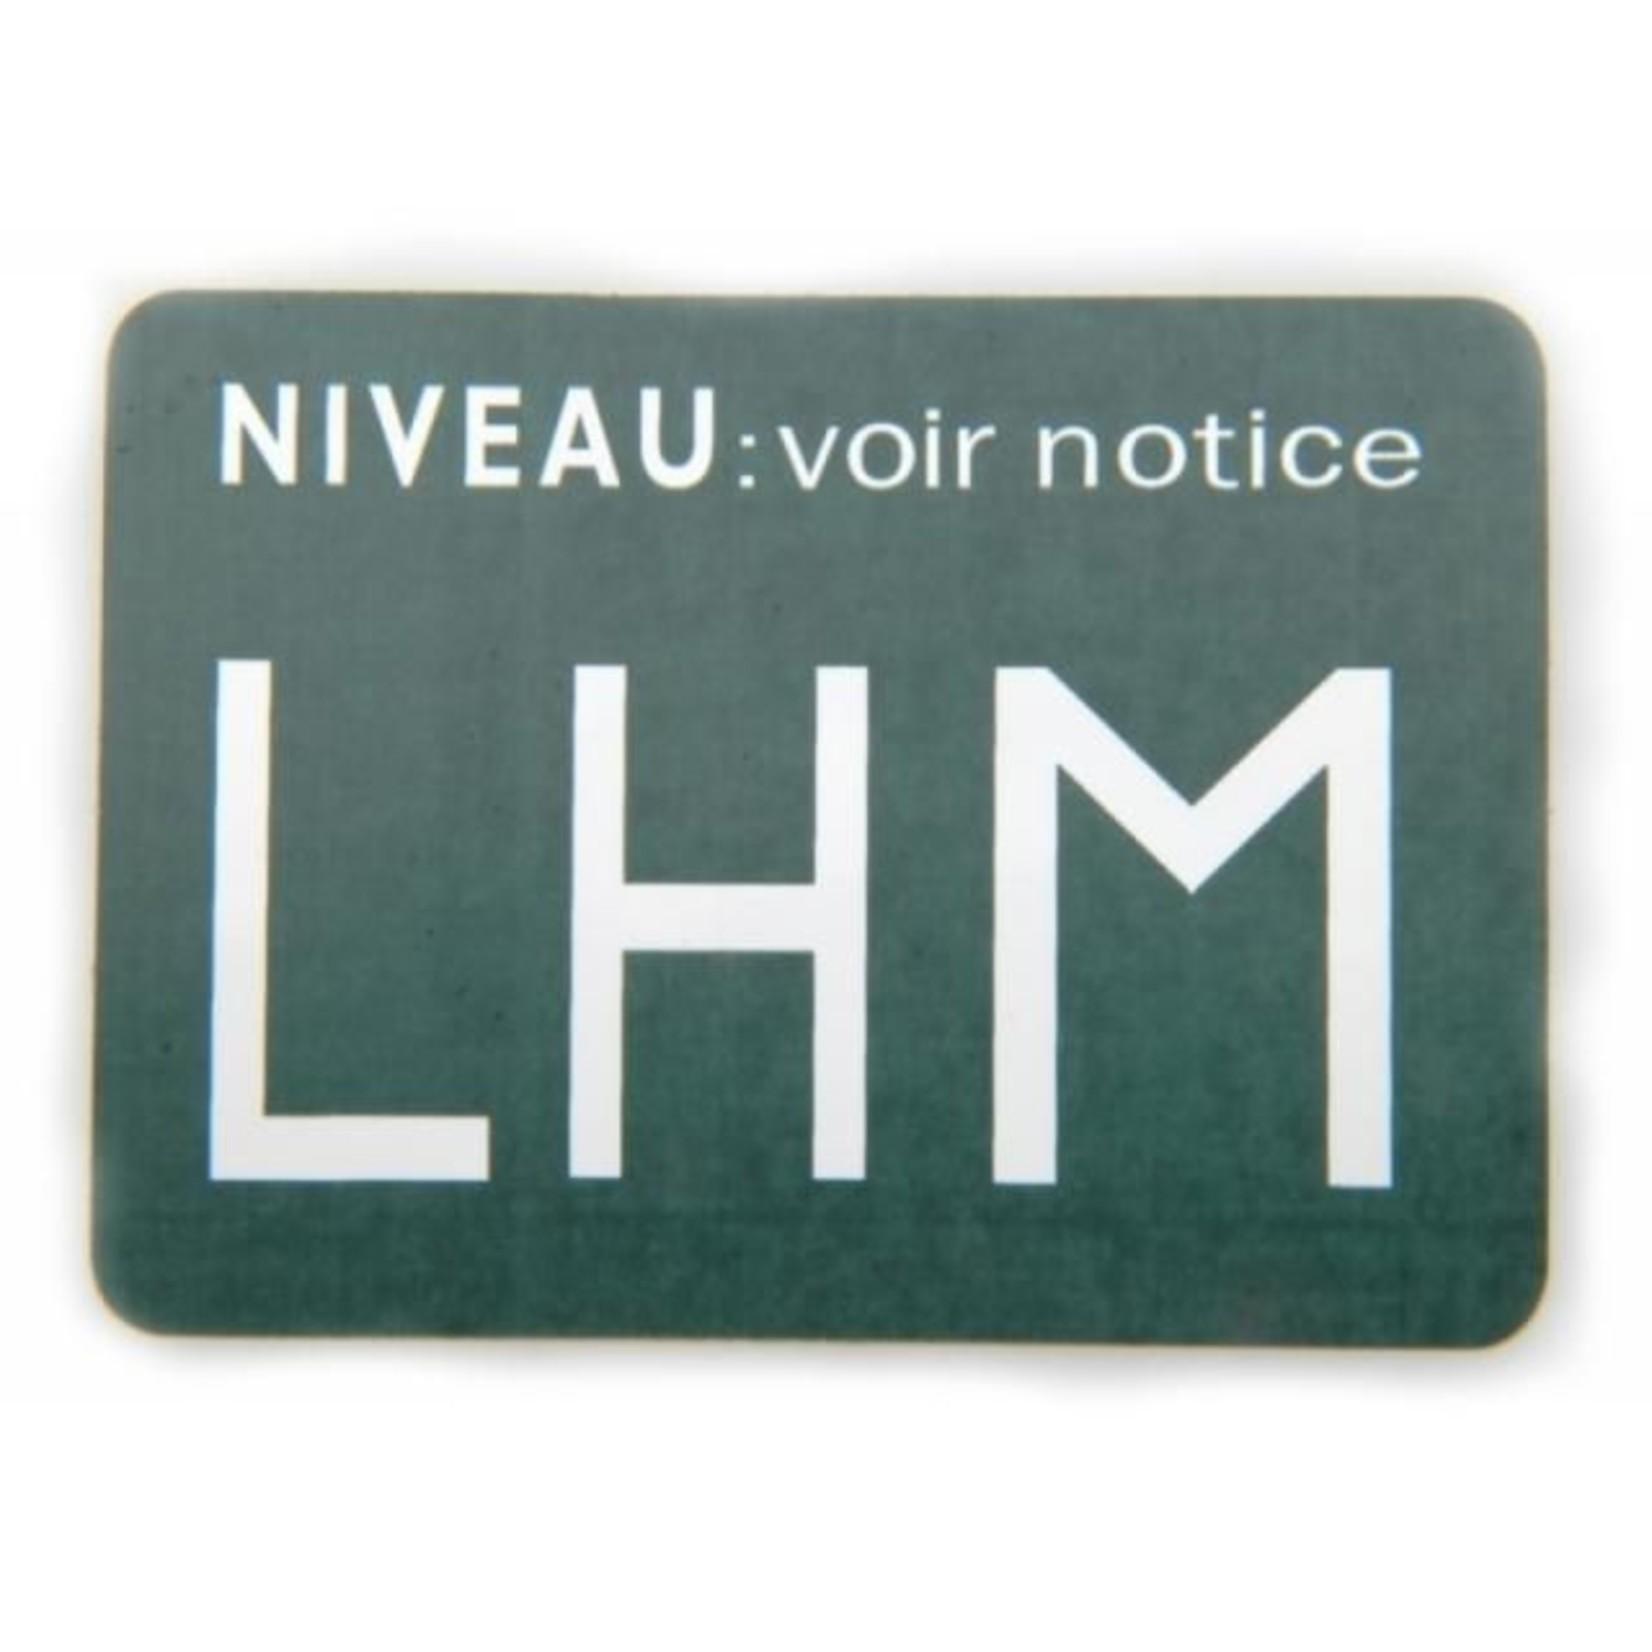 Autocollant total LHM carrée sur reservoir